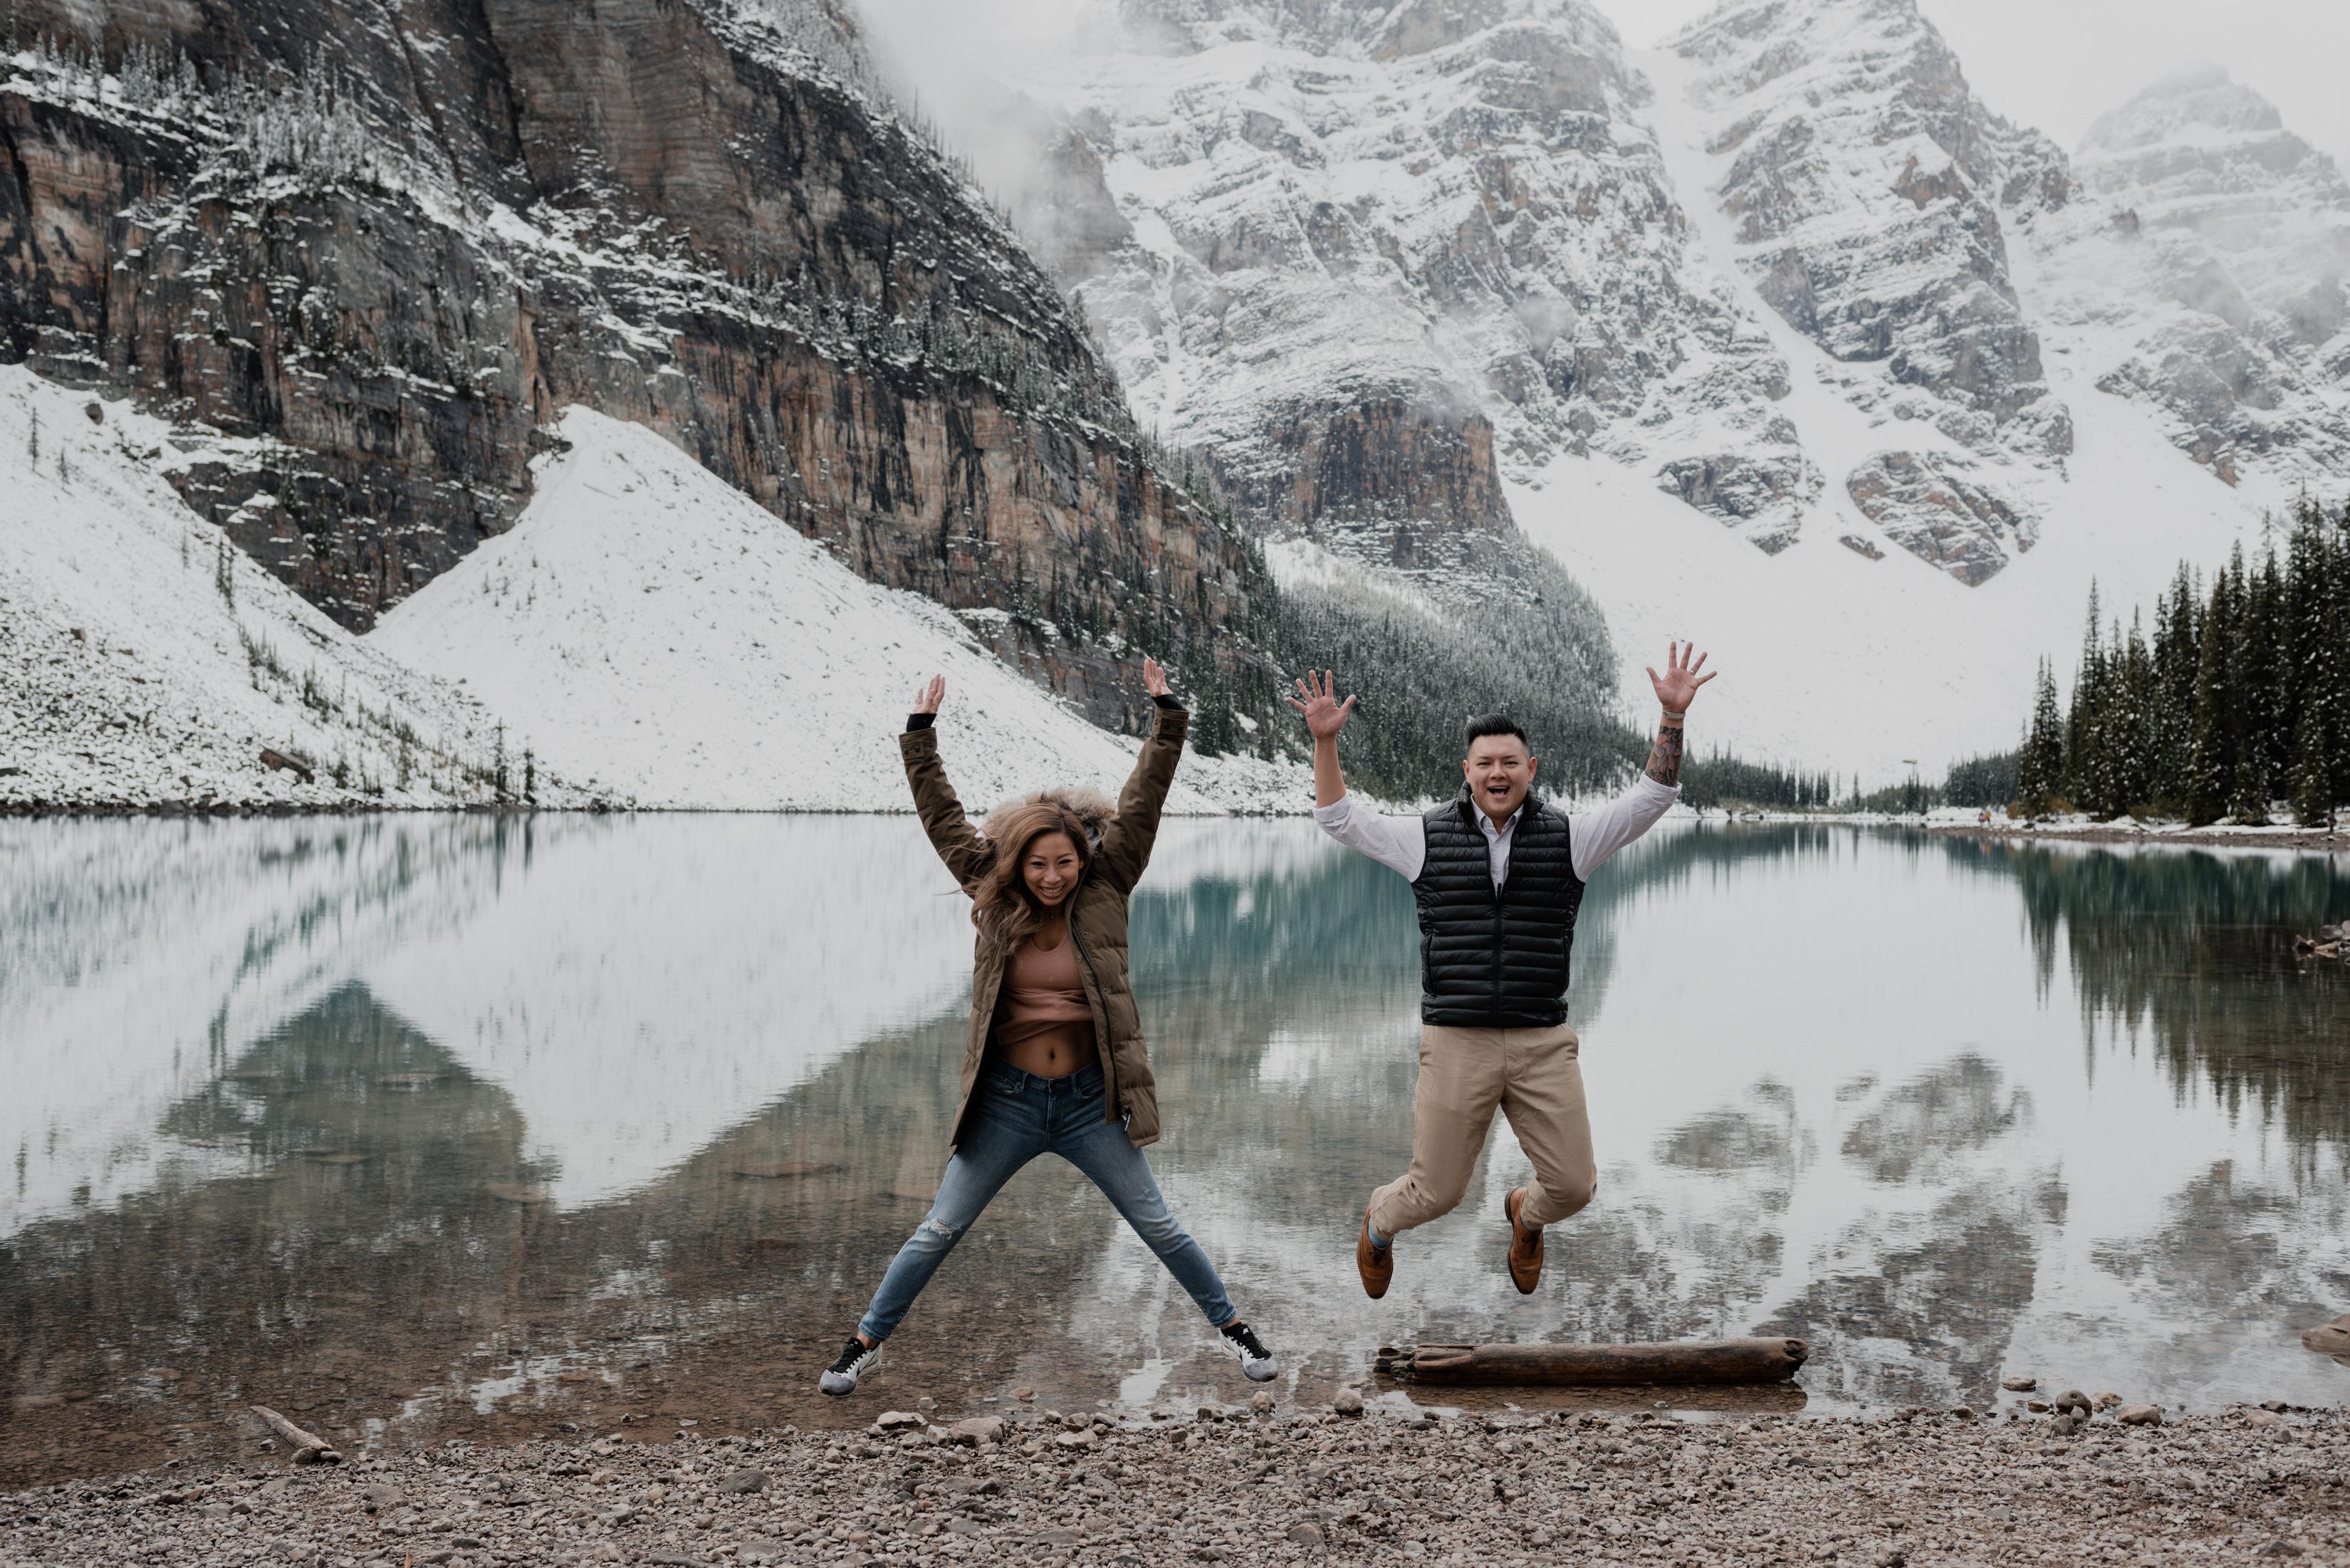 5 Dream Winter Escapes in the Great White North